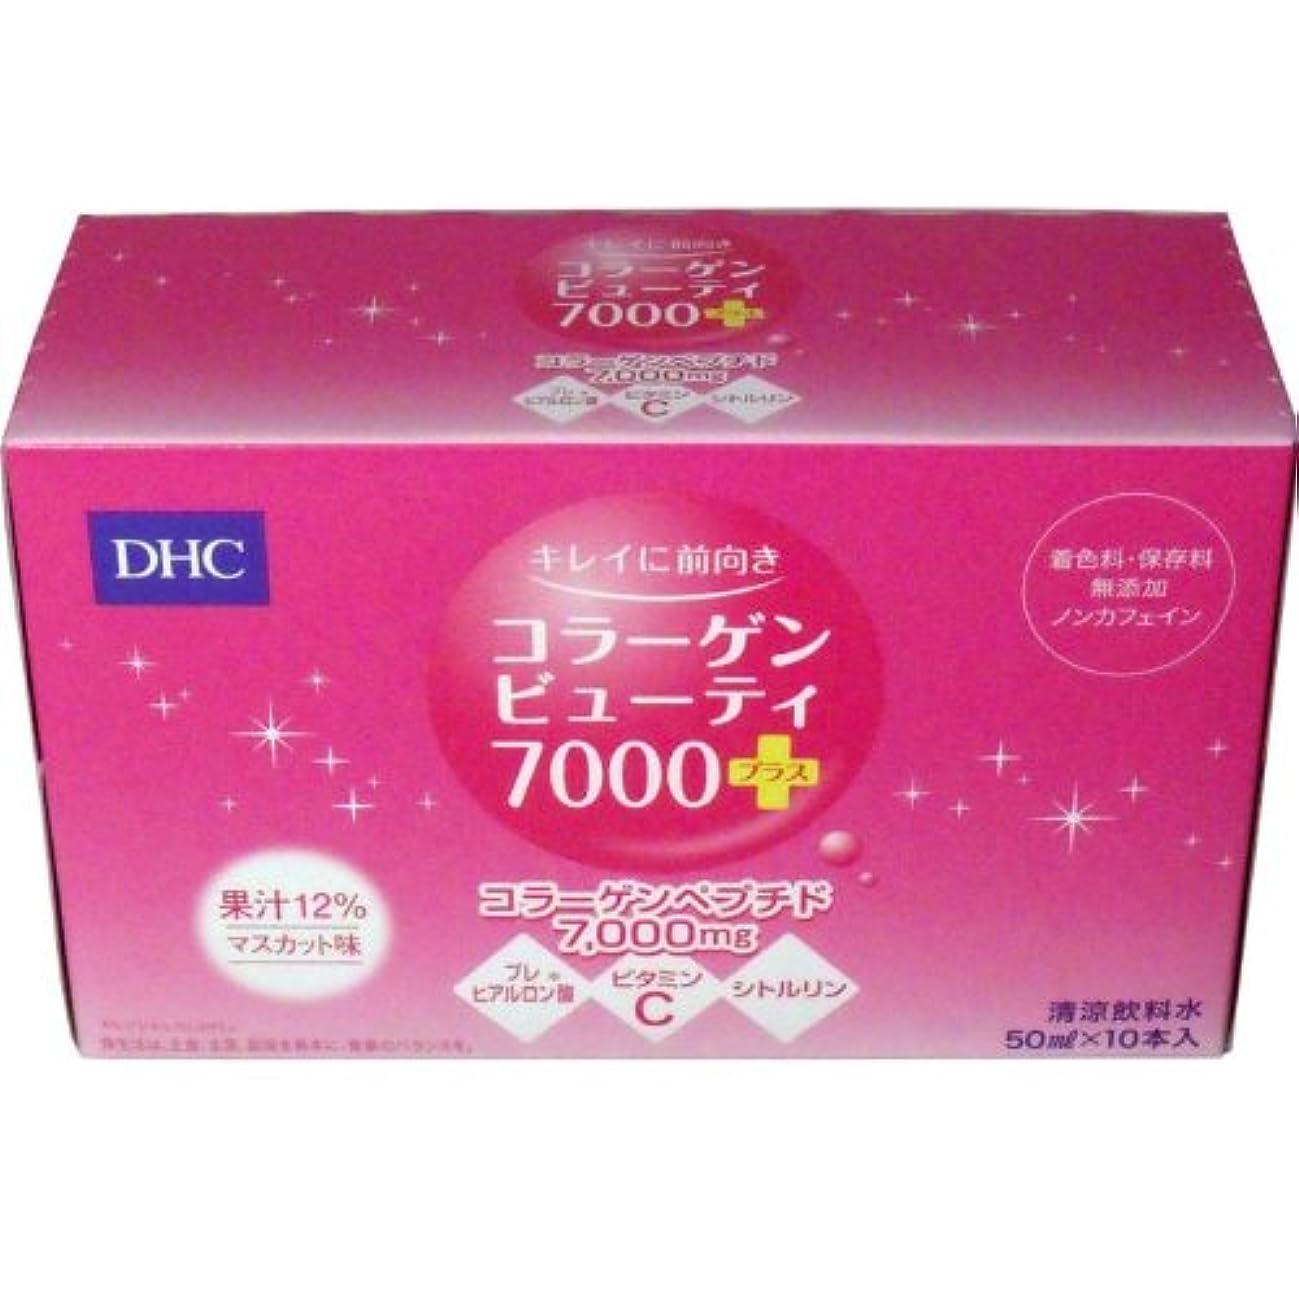 リスナー攻撃的東ティモールDHC コラーゲンビューティ7000プラス 50mLX10本入【2個セット】